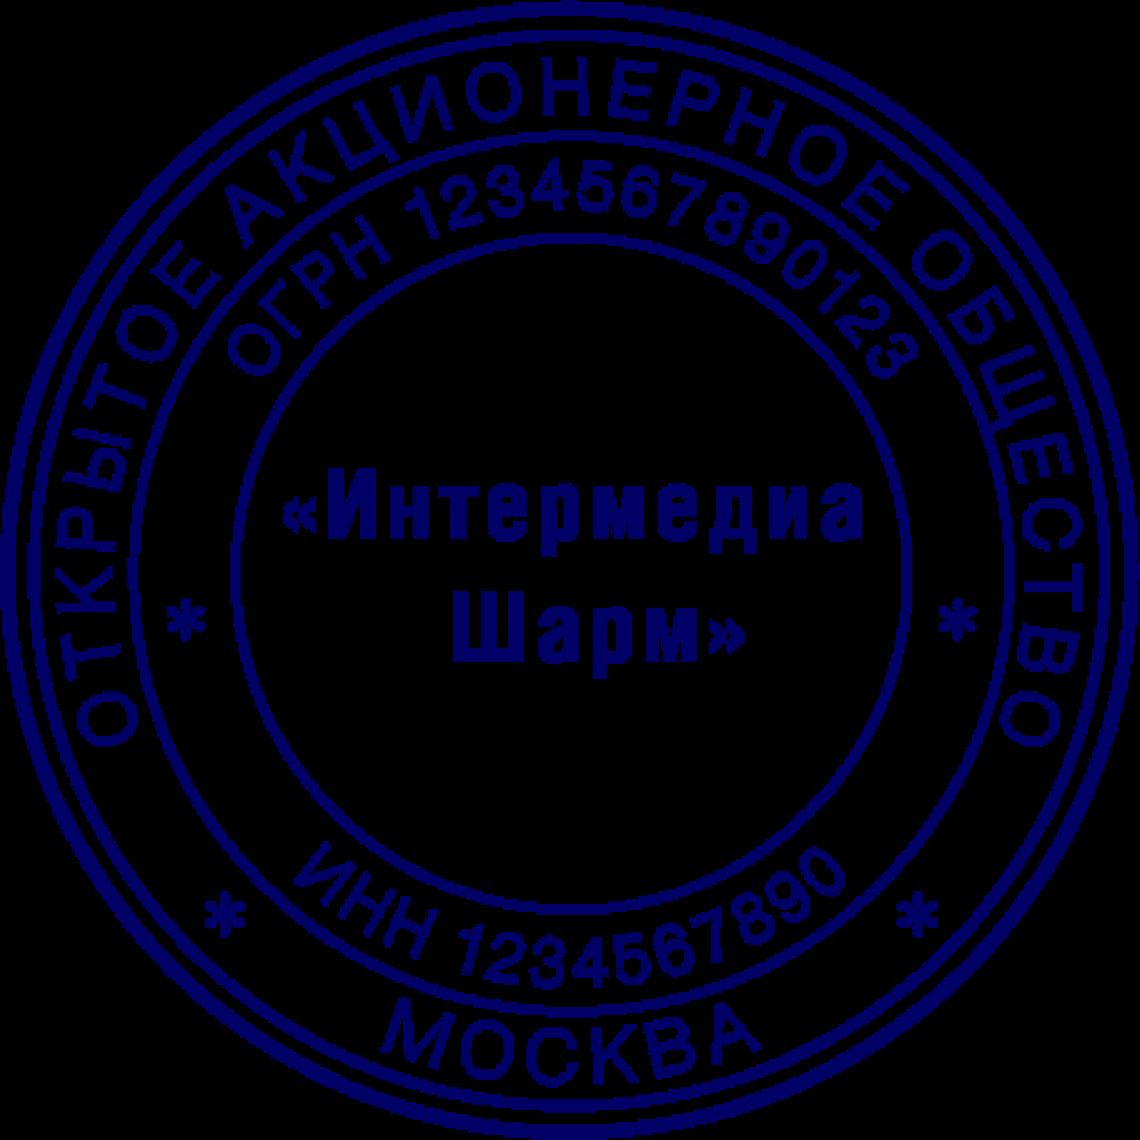 ОАО-11